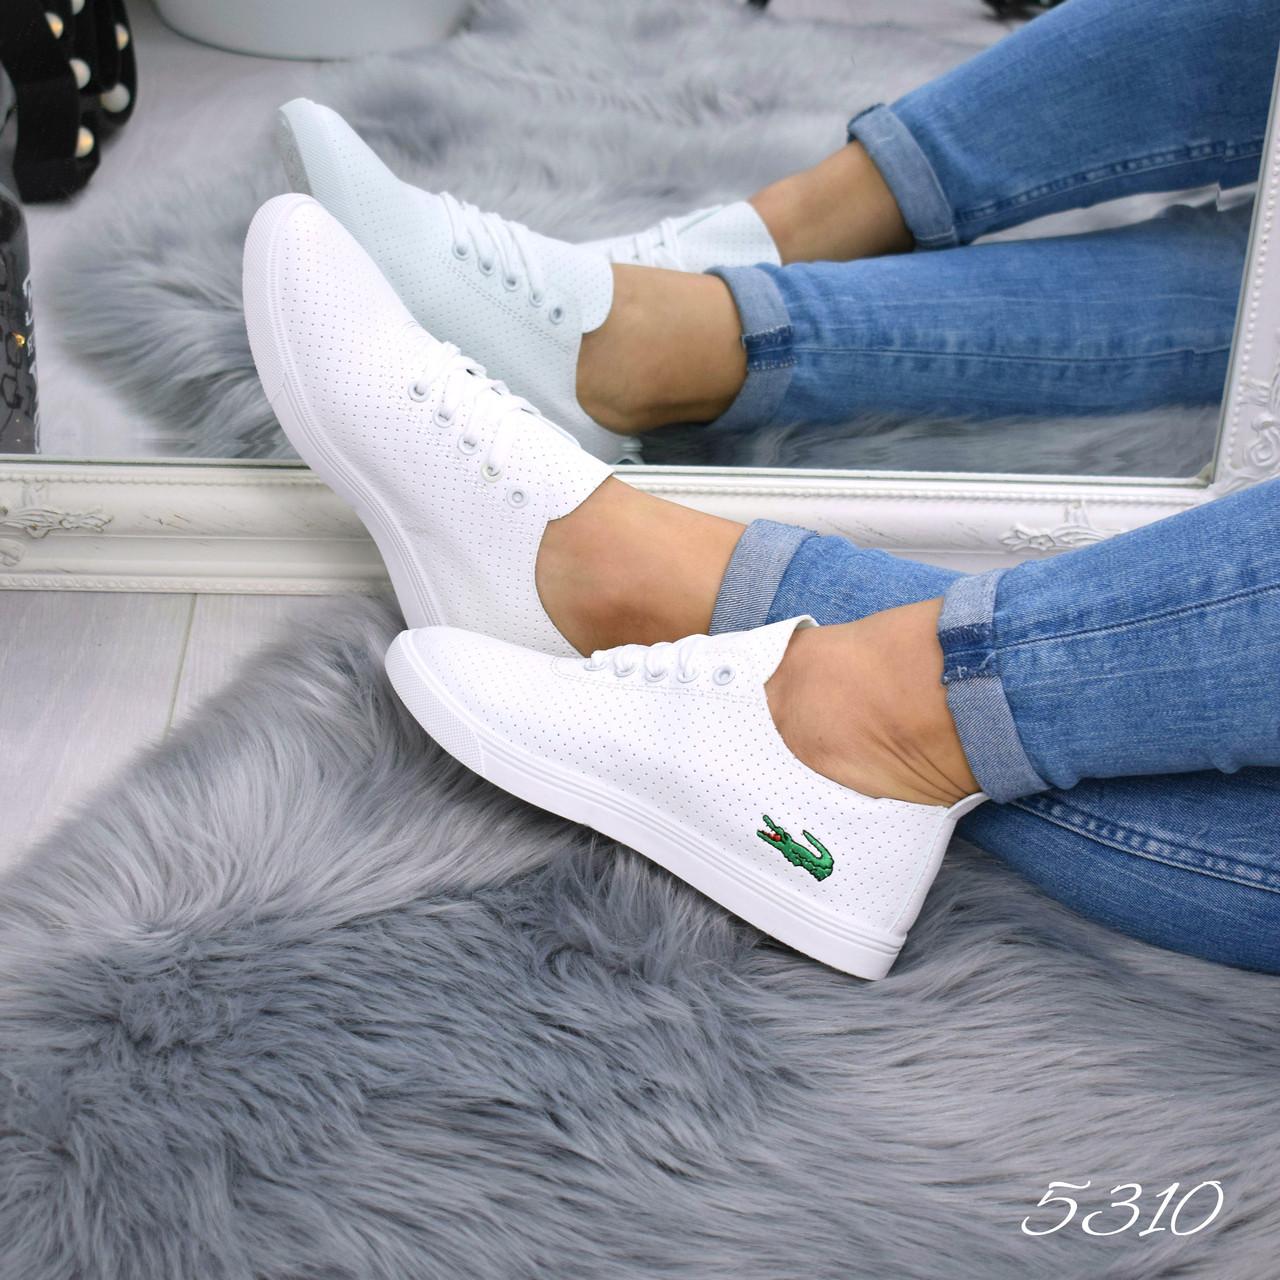 8e926c9cadb2 Кеды женские Lacoste белые 5310, мокасины женские - Интернет - магазин  MaxTrade в Днепре